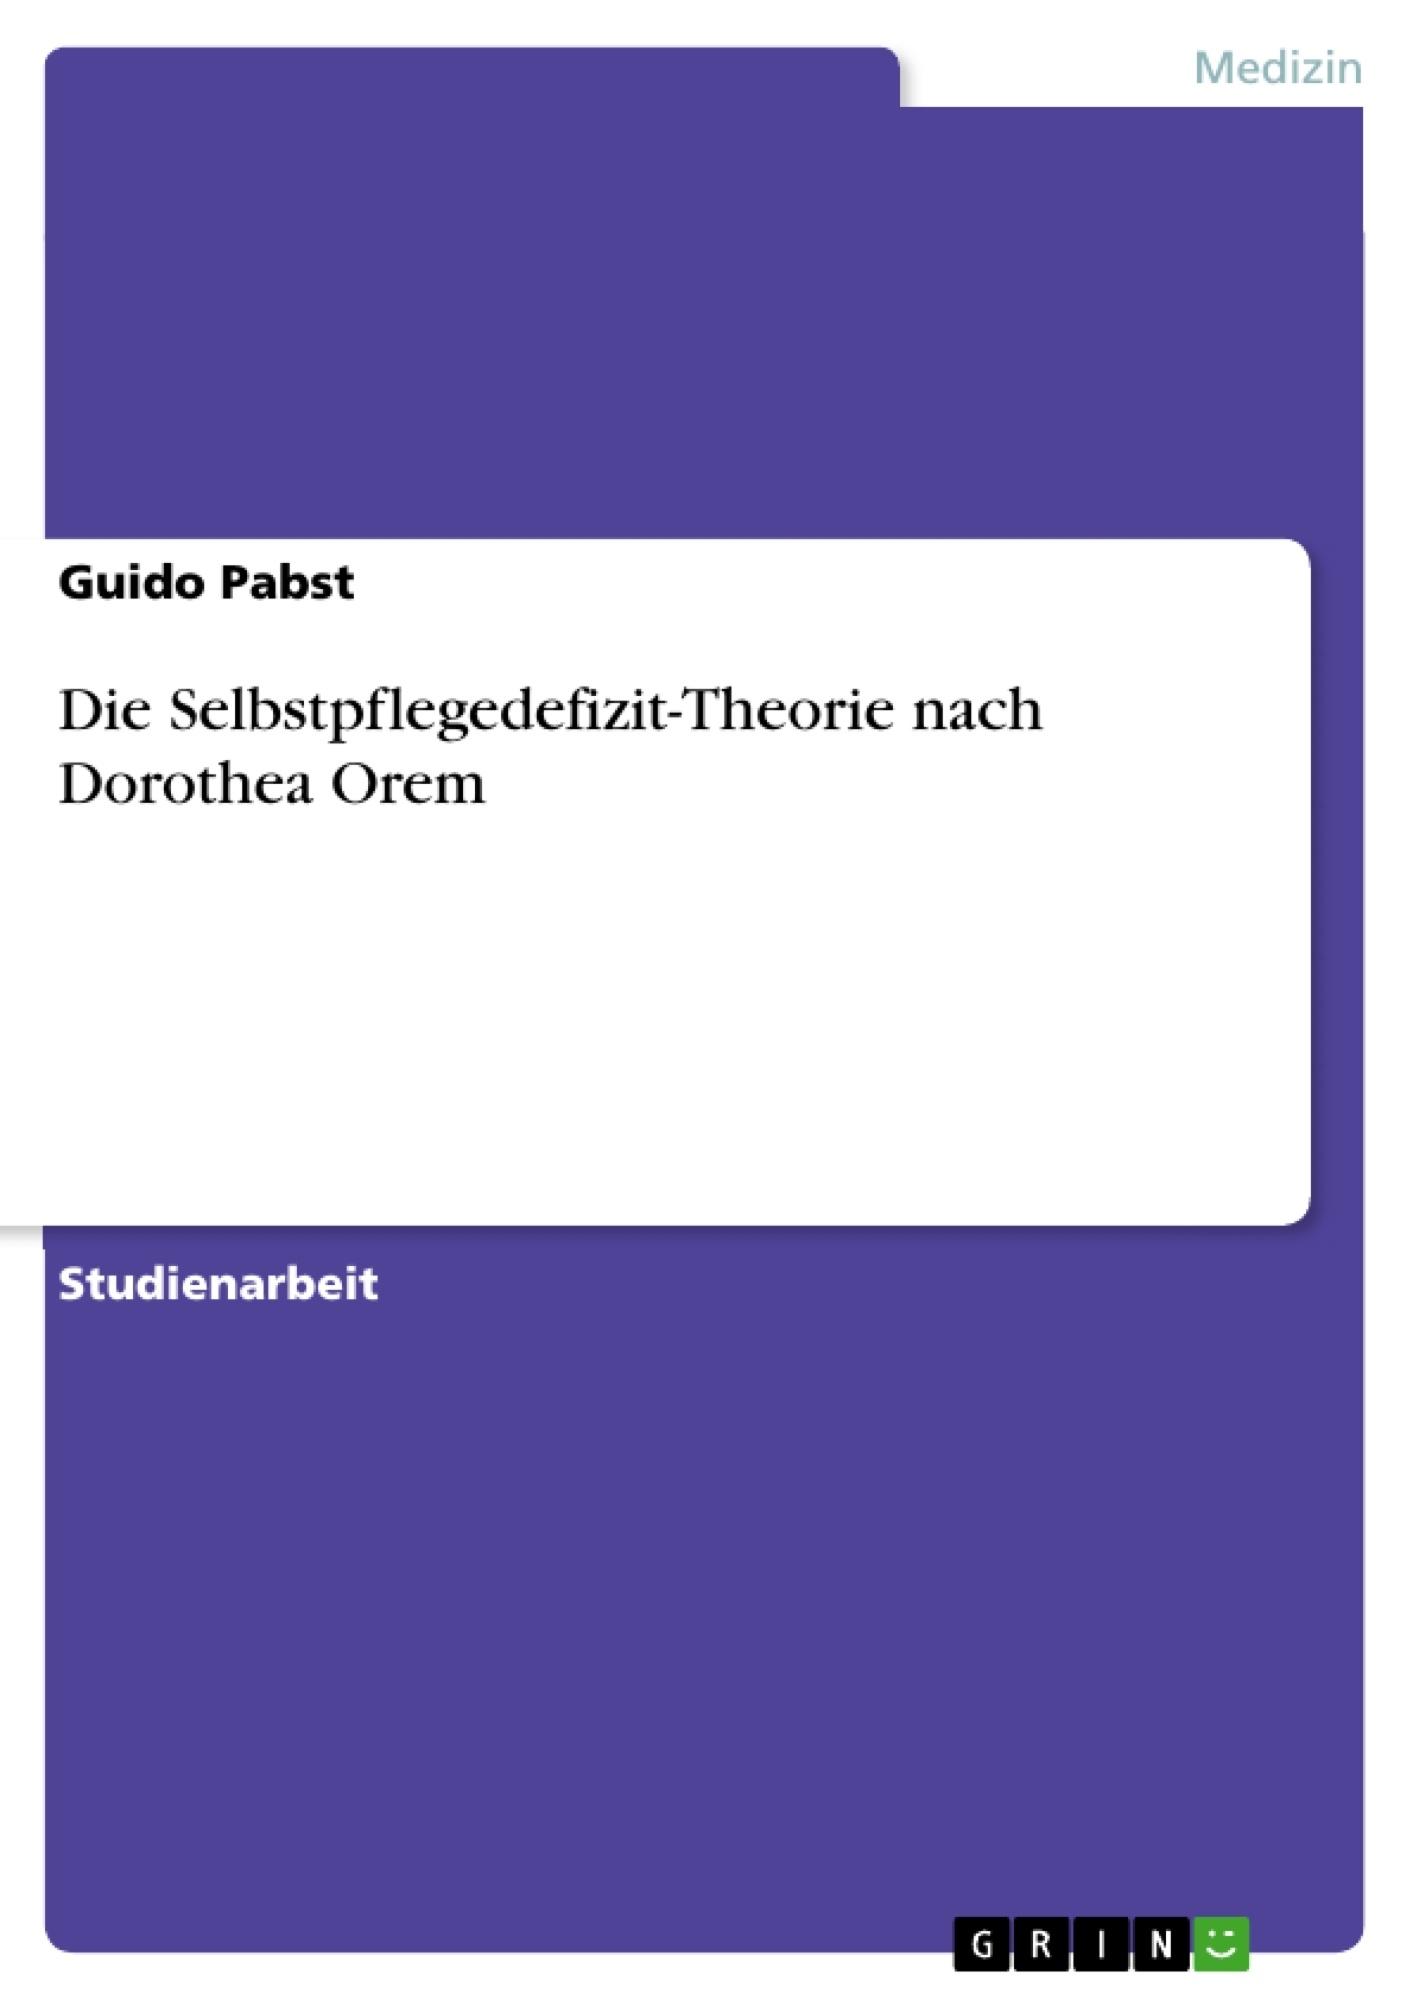 Titel: Die Selbstpflegedefizit-Theorie nach Dorothea Orem